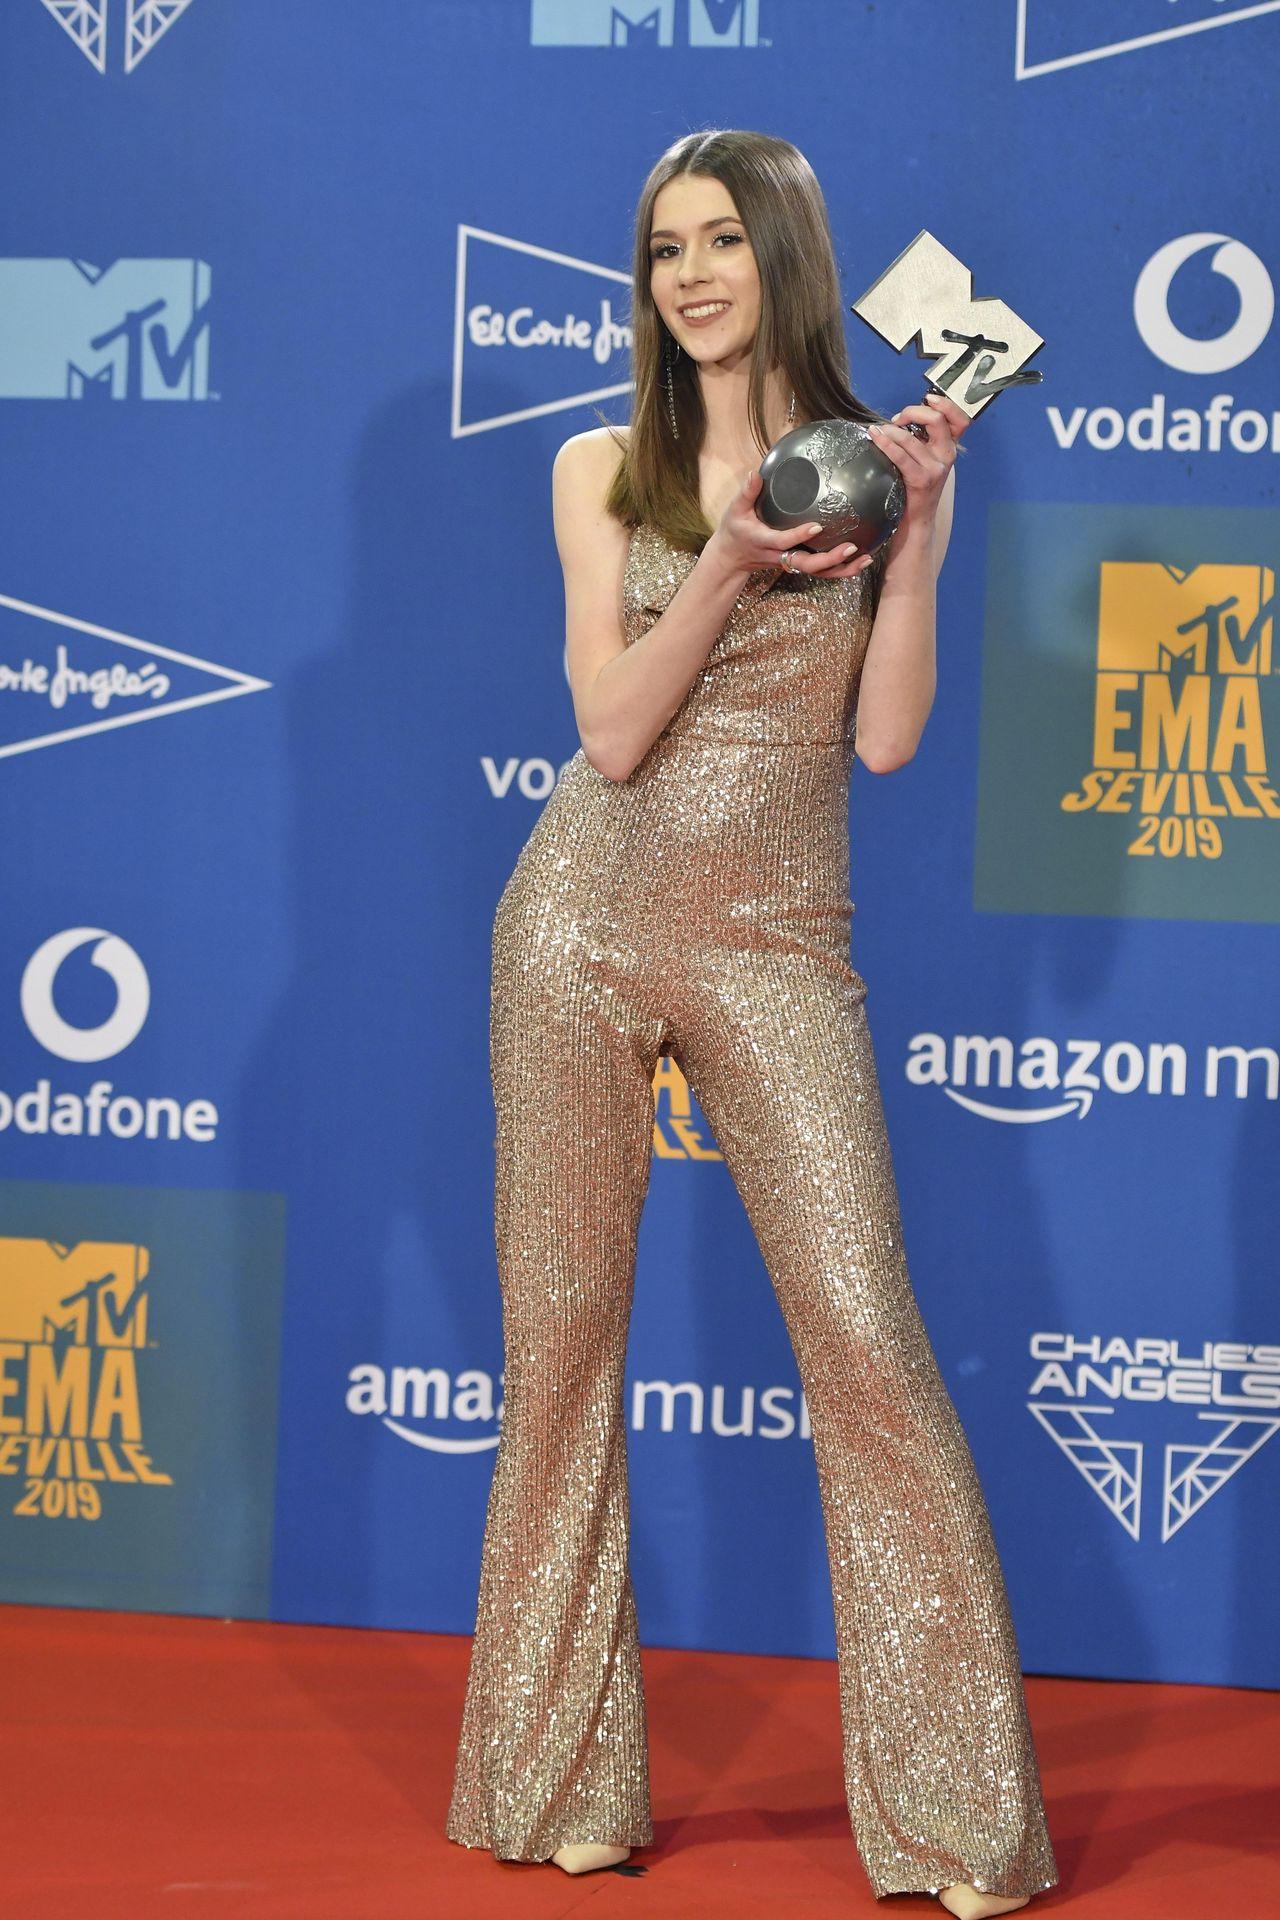 Roksana Węgiel pozuje z nagrodą MTV na czerwonym dywanie.